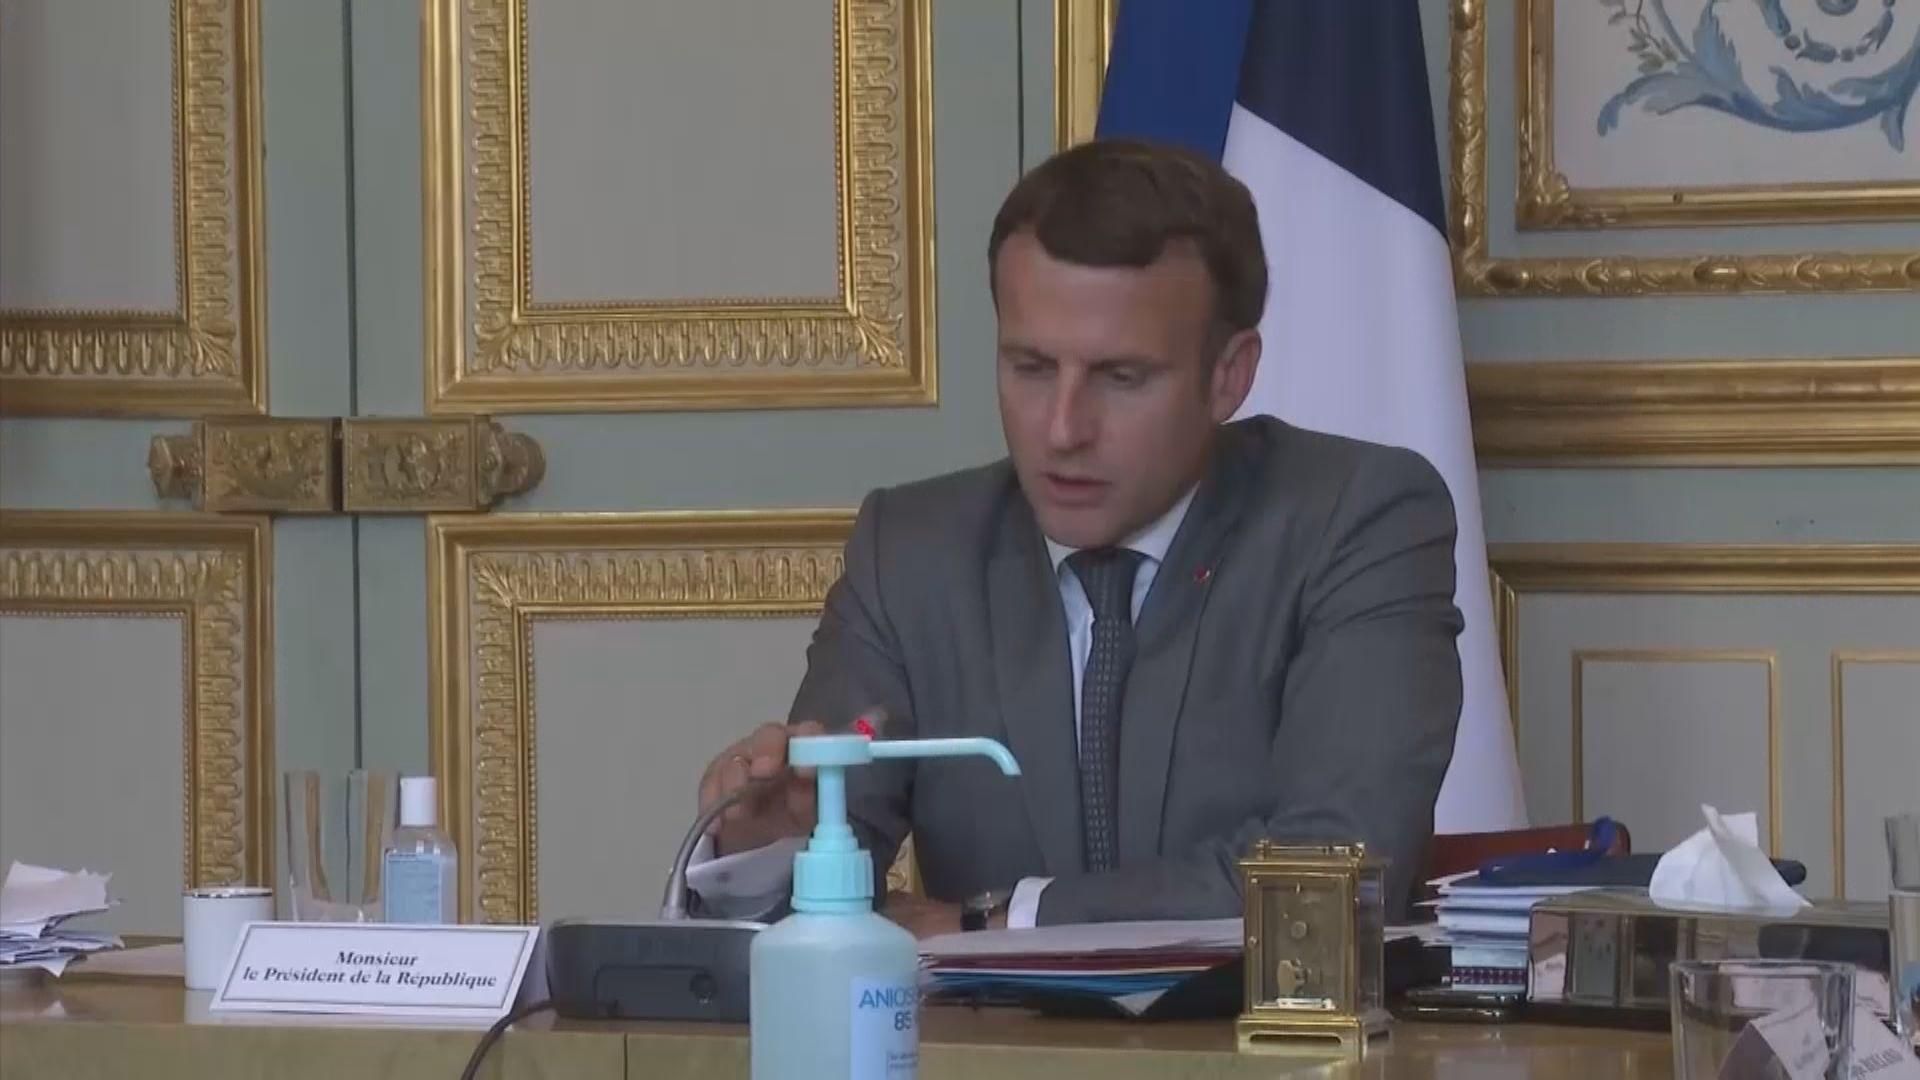 法國總統馬克龍更換手機及電話號碼